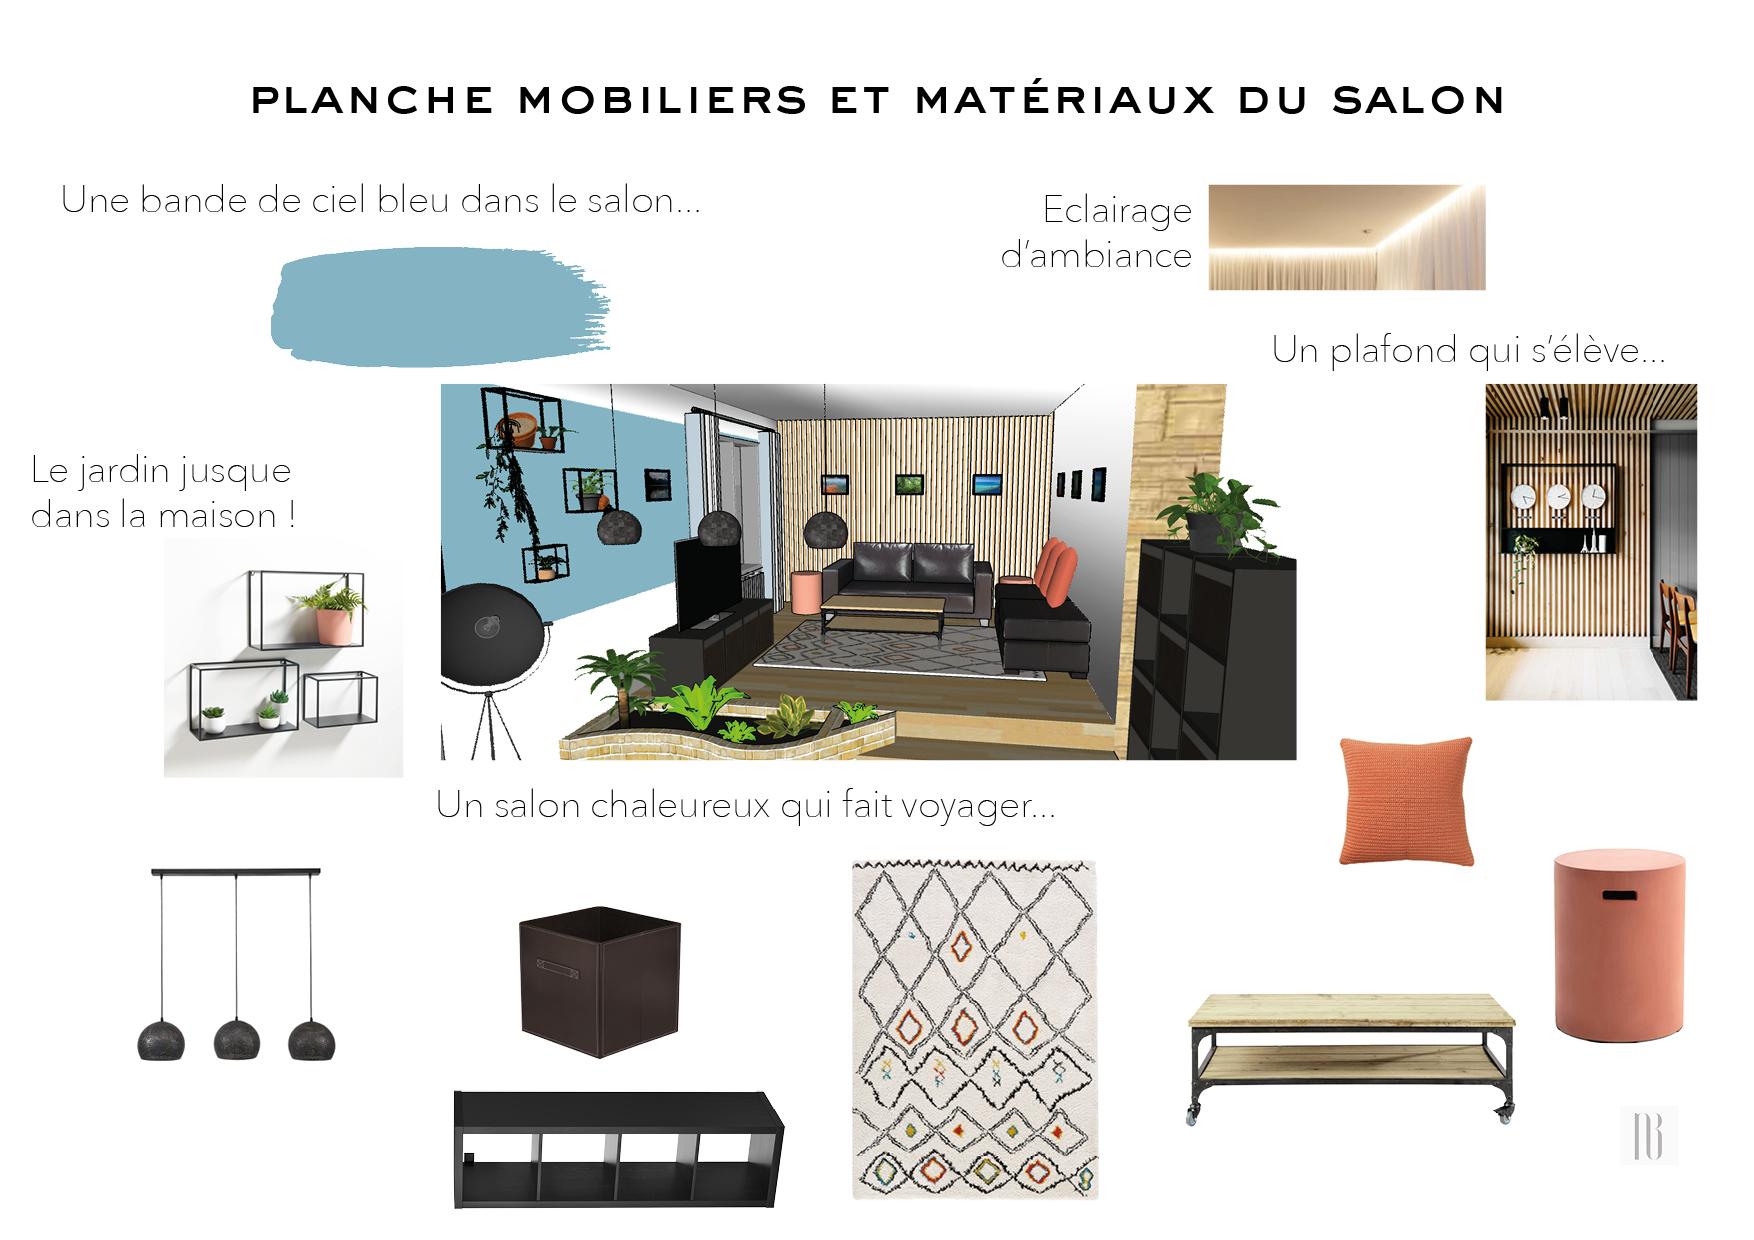 Nathalie Bossard décoration architecture intérieur Rennes 35 UFDI-390 Book déco maison individuelle Vern sur Seiche Ille et Vilaine planche mobiliers matériaux salon